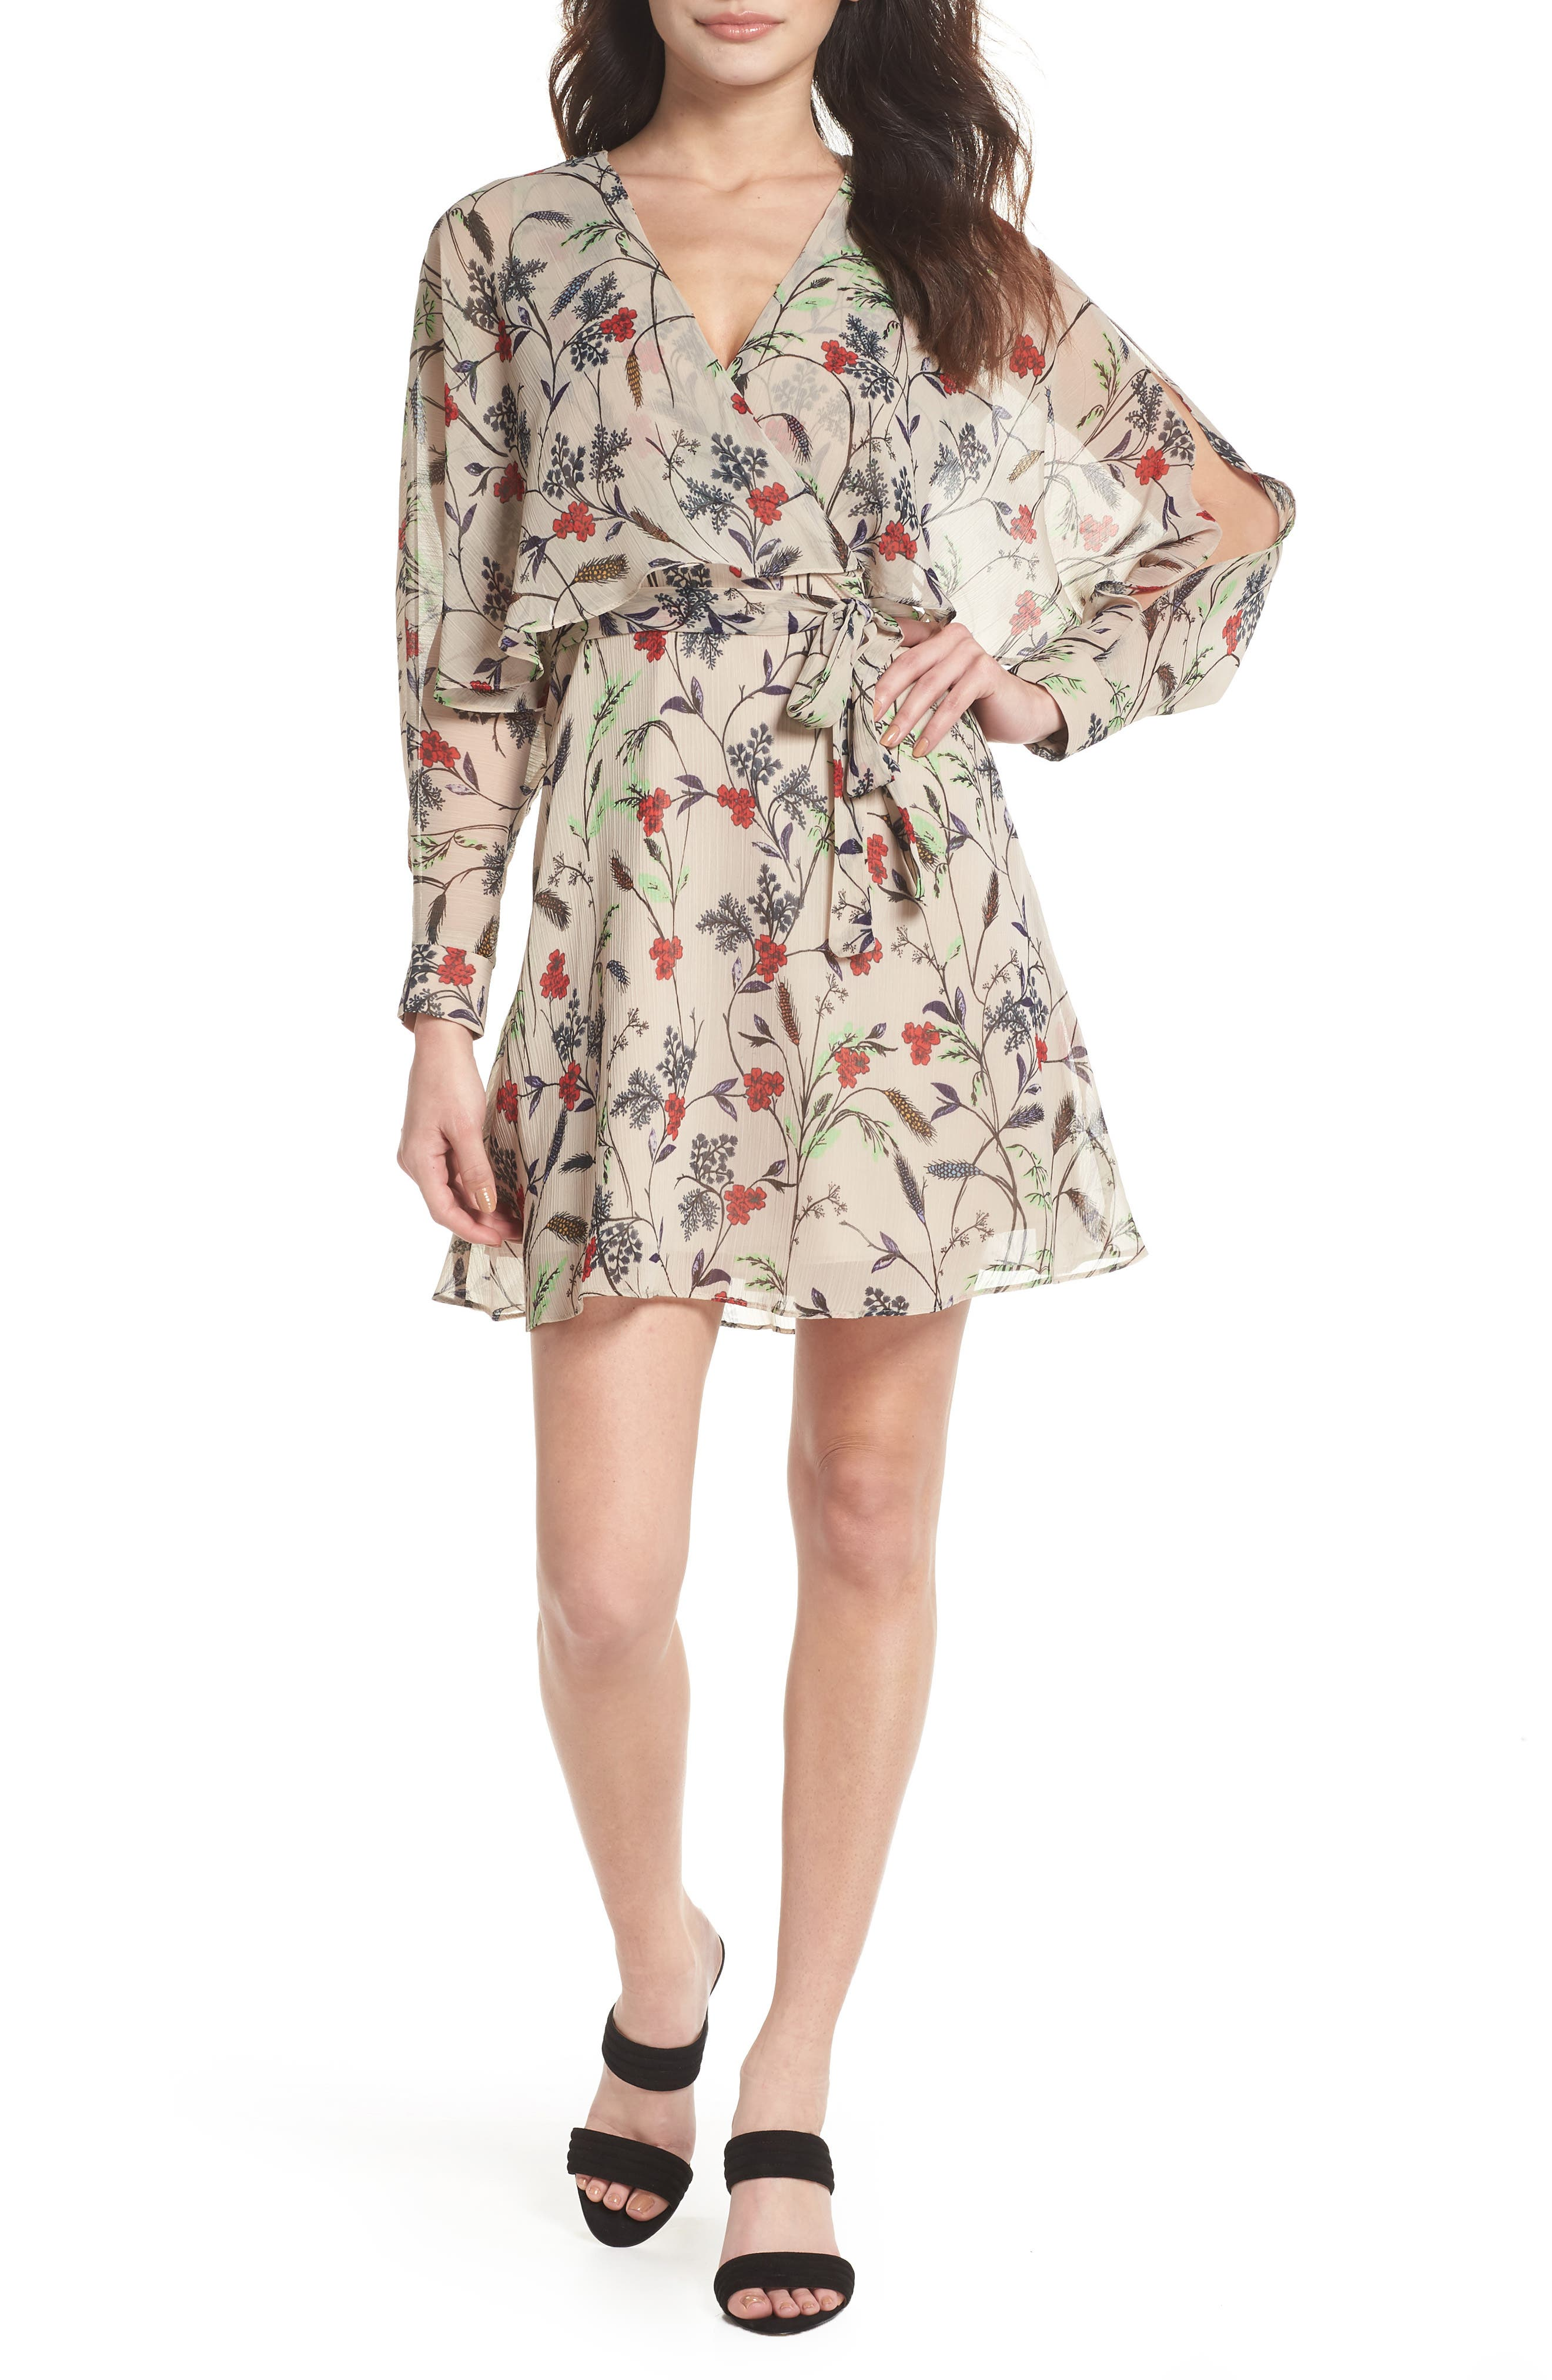 Yoryu Floral Chiffon Dress,                         Main,                         color, 280